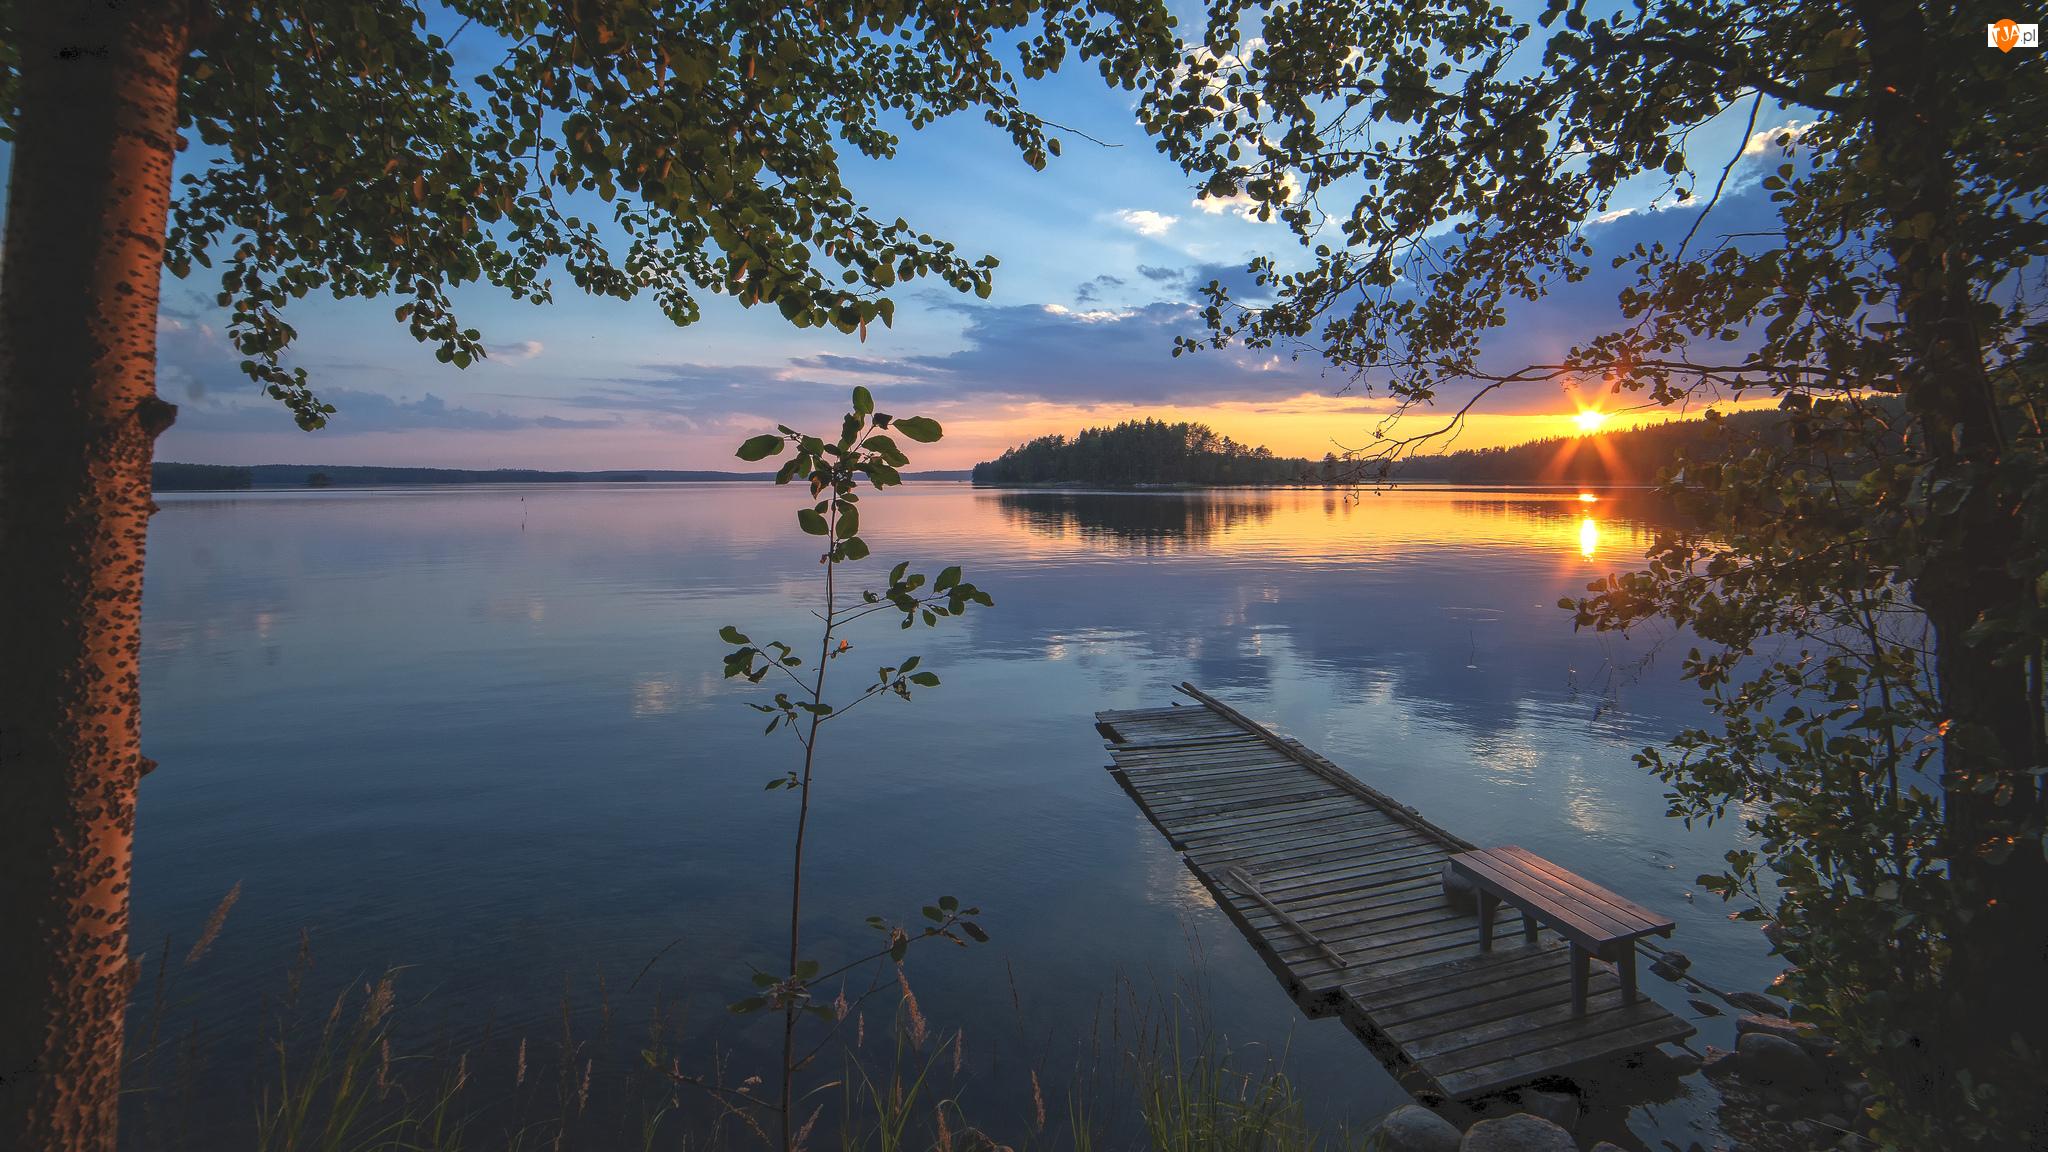 Pomost, Zachód słońca, Drzewa, Jezioro, Ławka